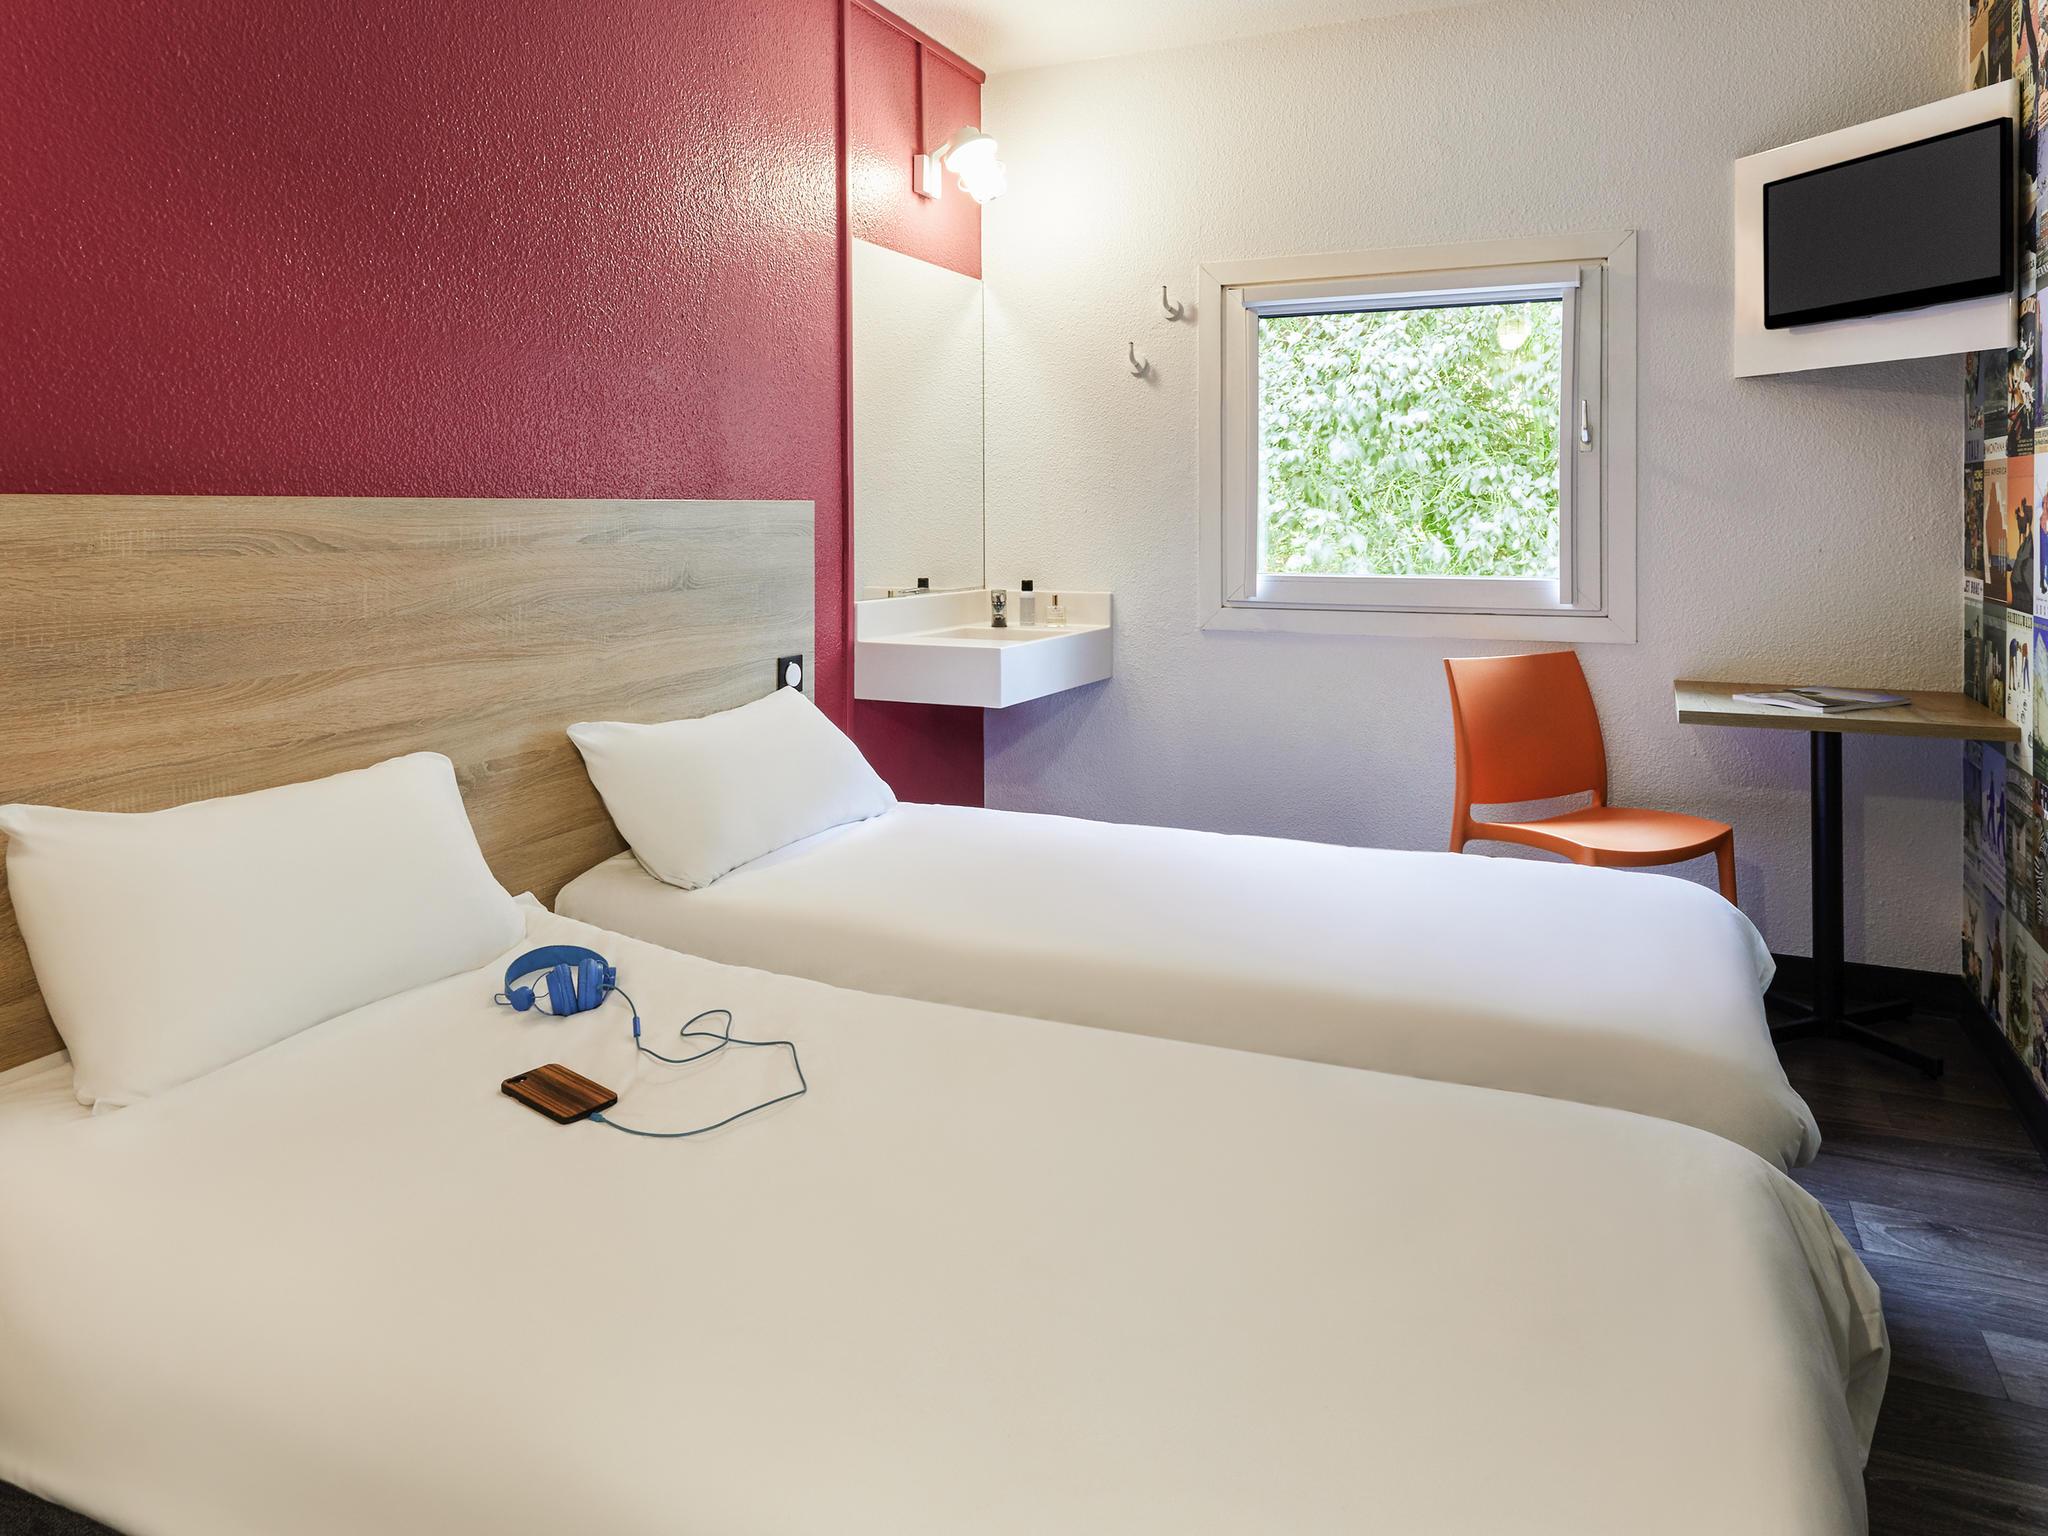 Hotell – hotelF1 Saint-Étienne (rénové)